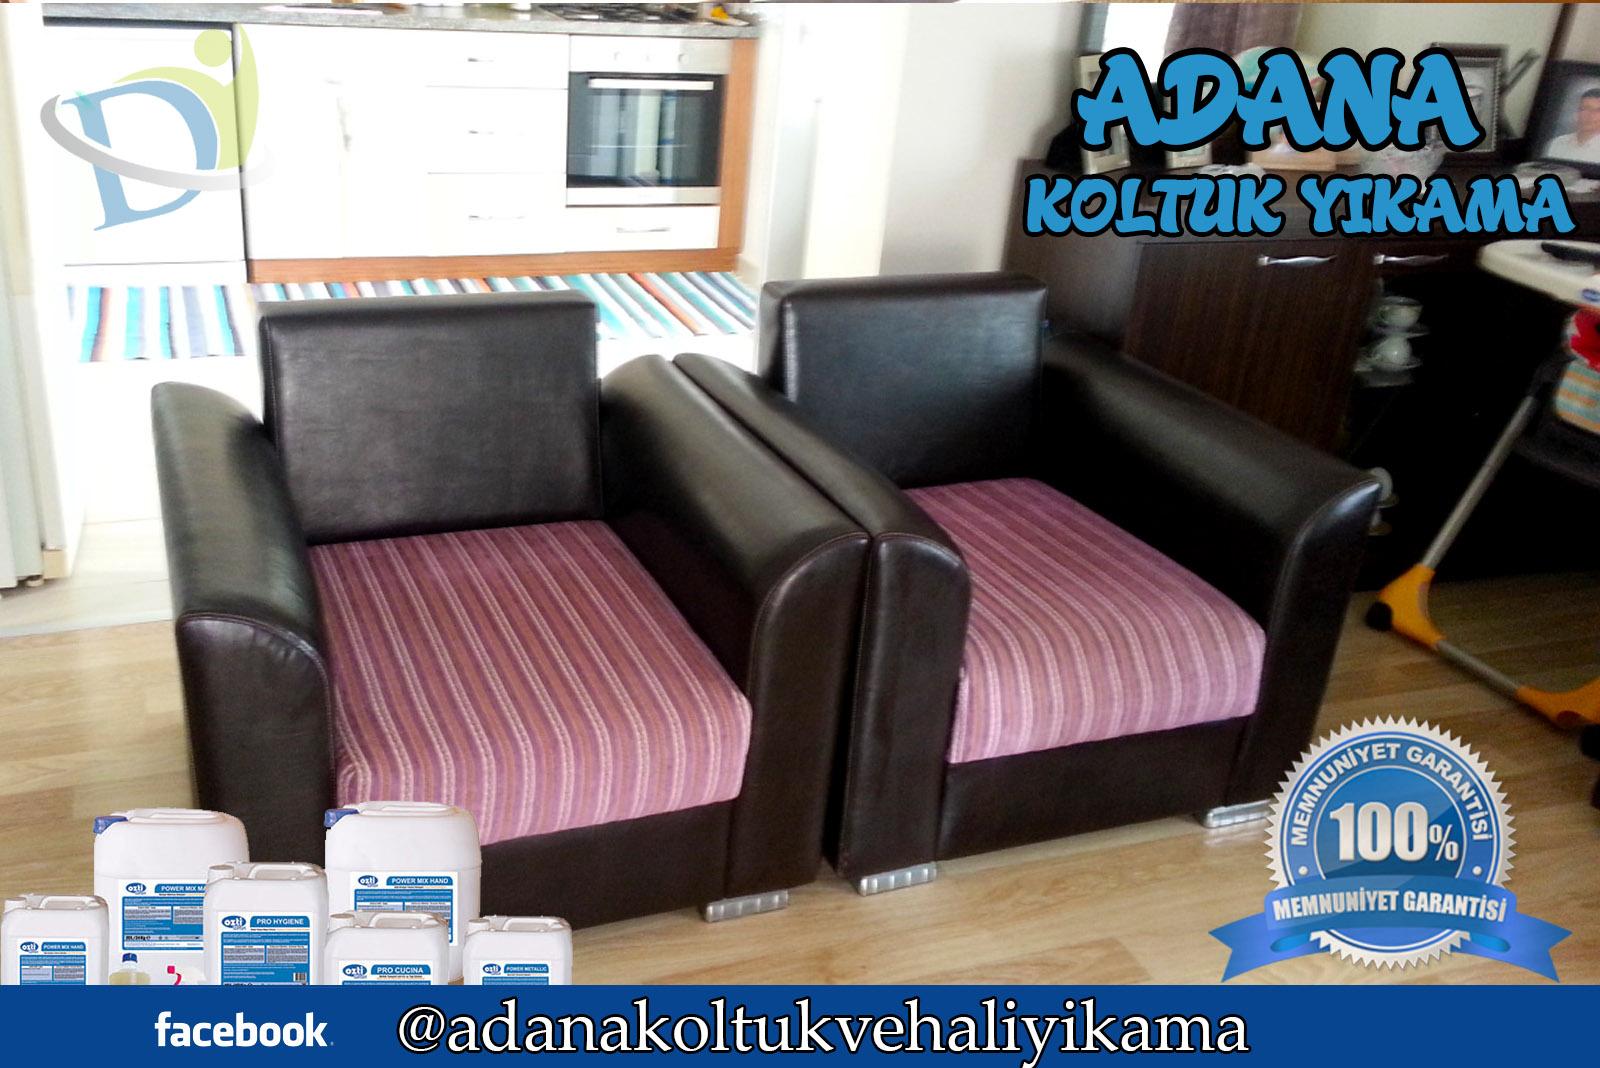 Adana Koltuk Yıkama+Pınar Mahallesi+Deri Koltuk